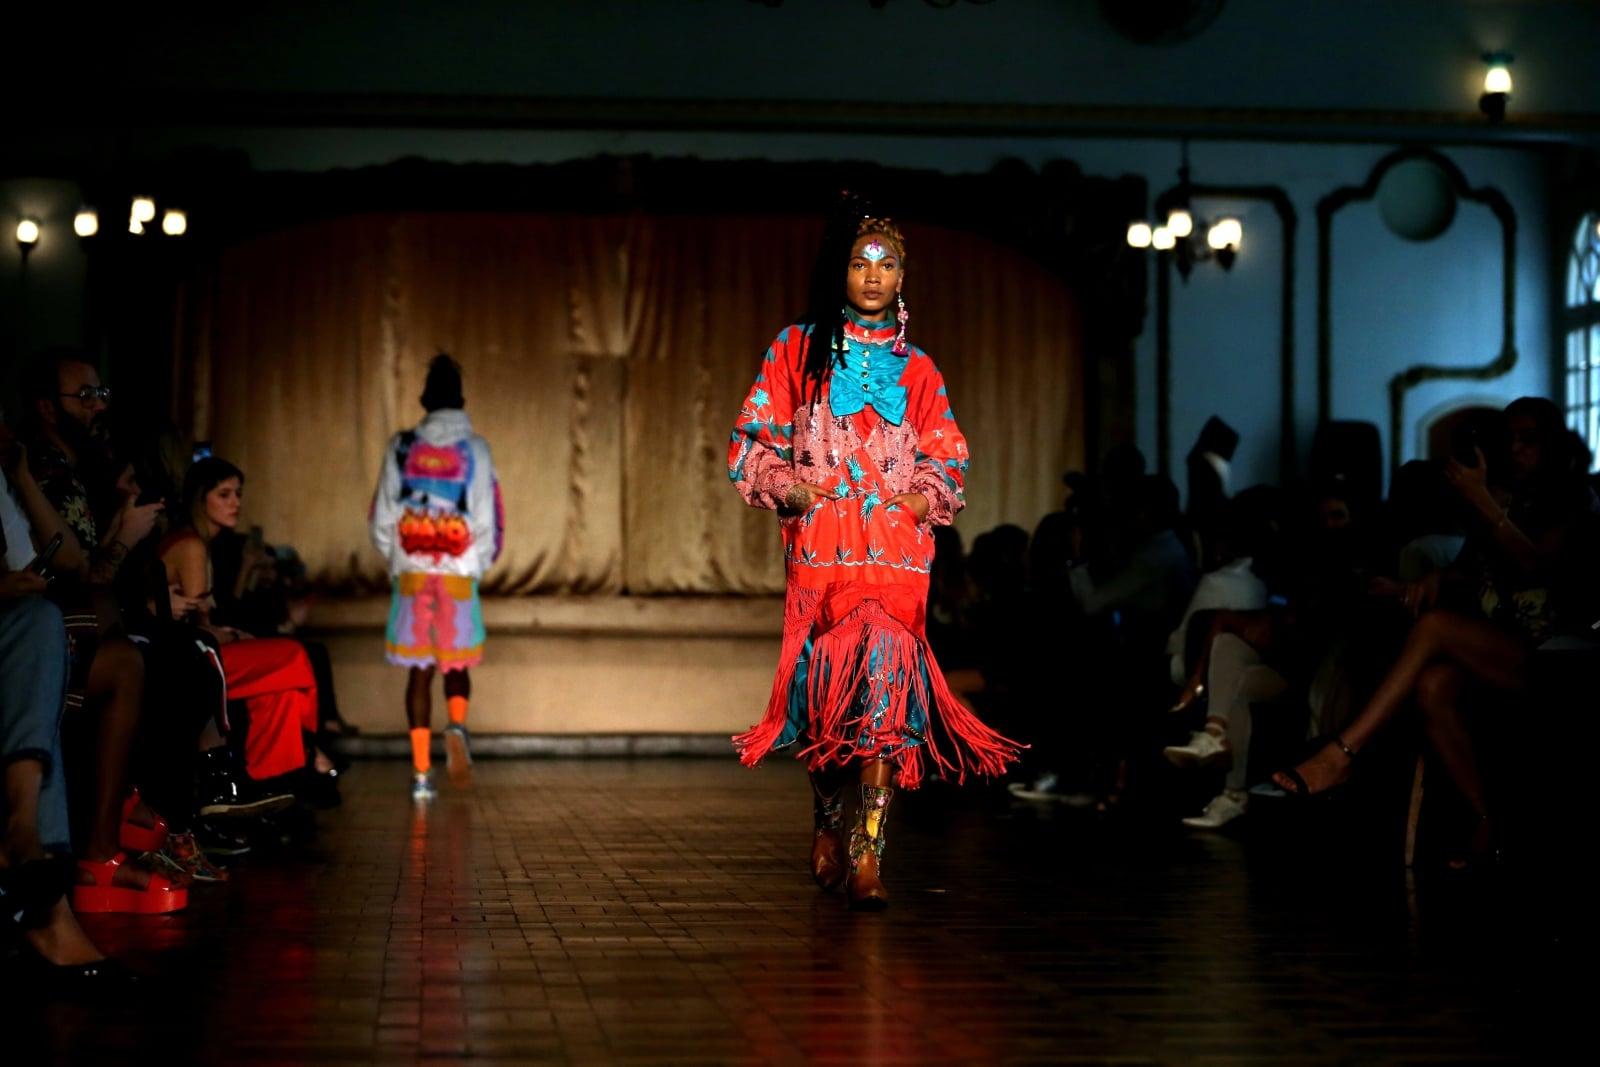 Pokaz mody - Sao Paolo w Brazylii fot. EPA/FERNANDO BIZERRA JR